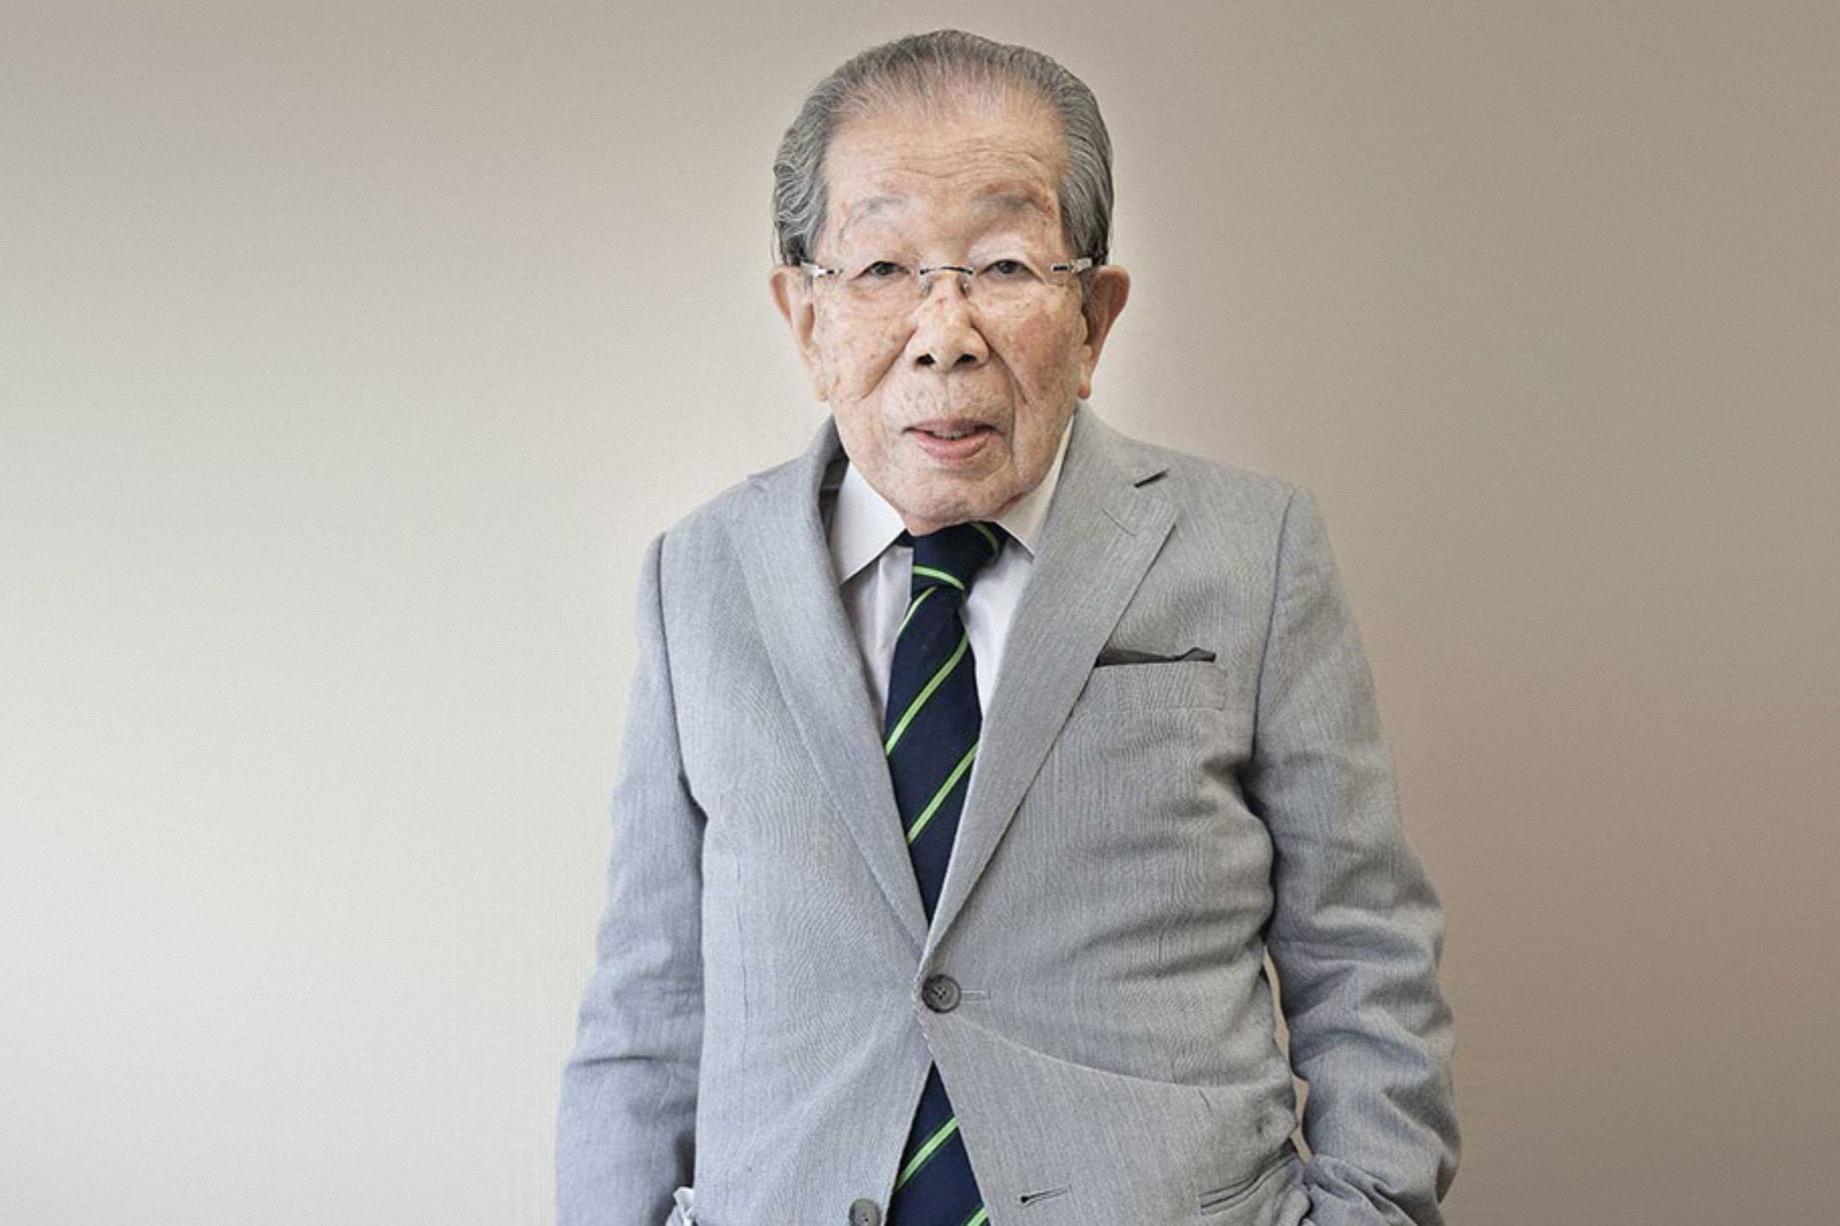 Dr. Shigeaki Hinohara, 102, Tokyo, Japan, 2013 © Karsten Thormaehlen